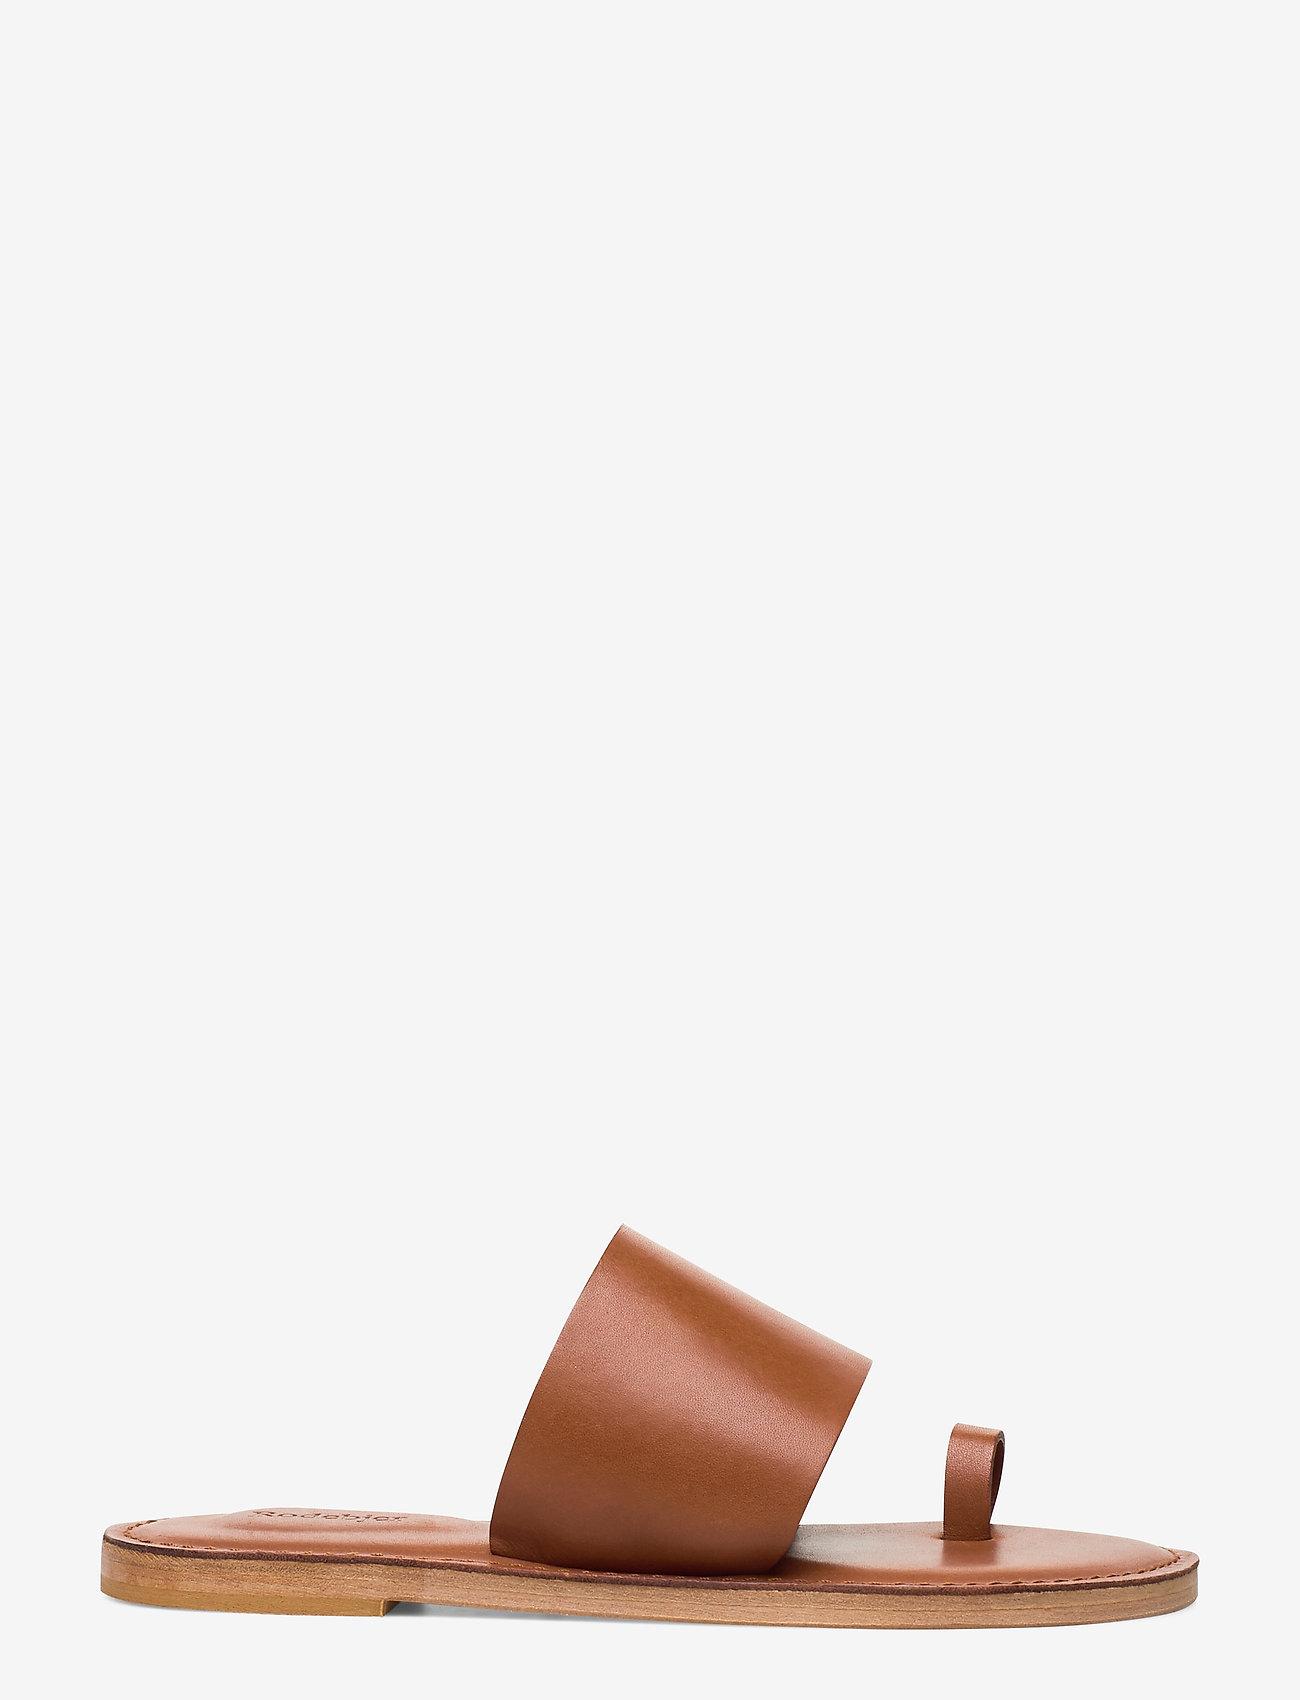 RODEBJER - RODEBJER KATE - flade sandaler - hazel - 1